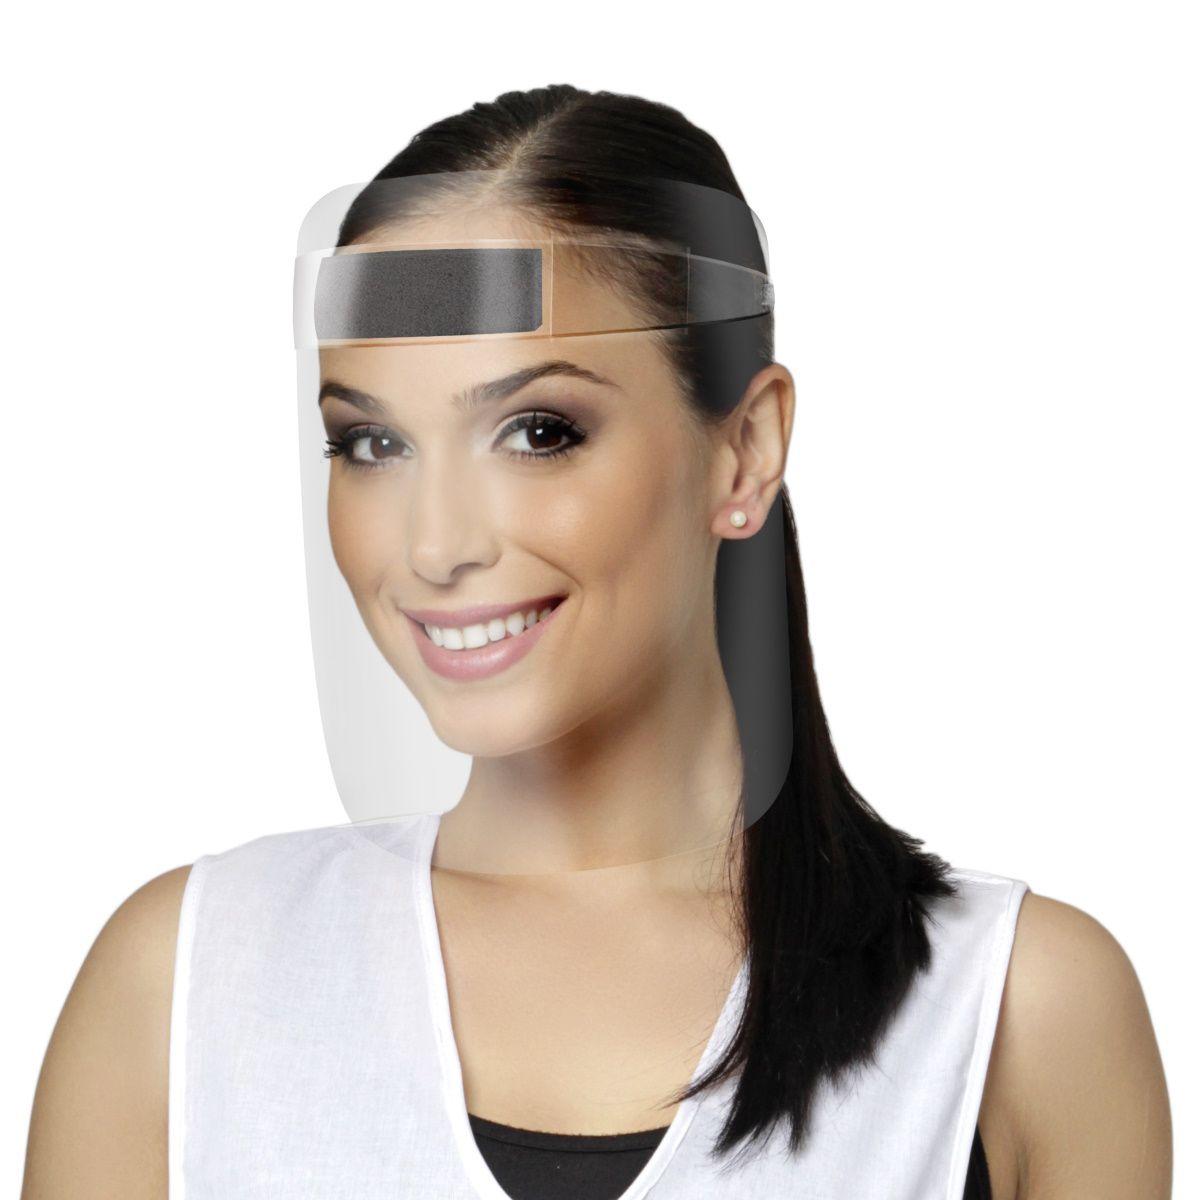 Máscara Facial Protetora 5 UN Anti Respingos e Gotículas - Santa Clara